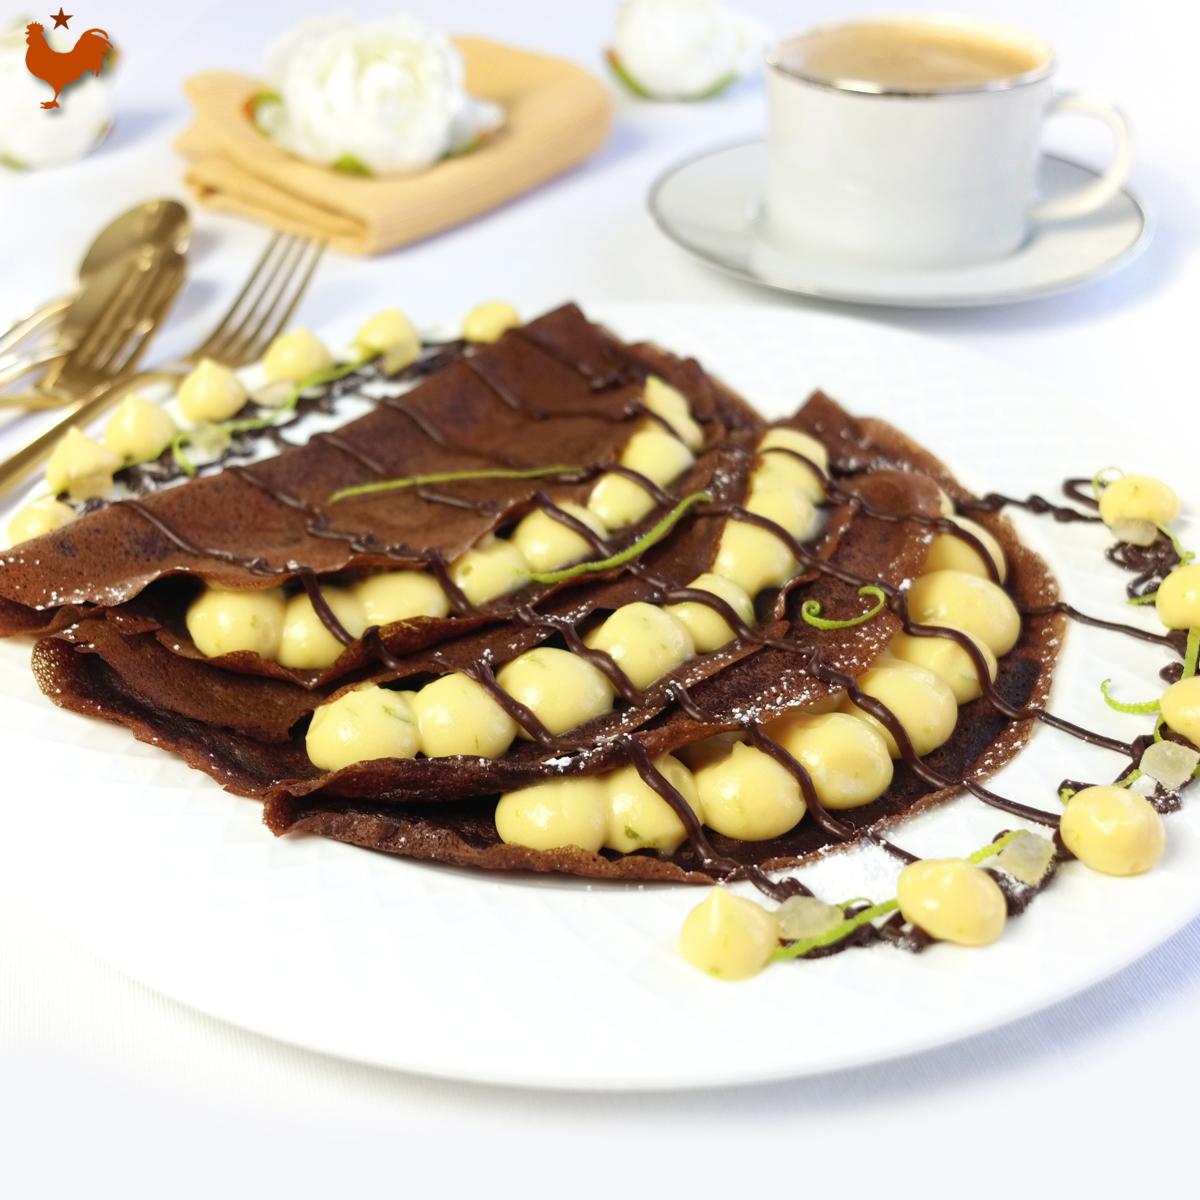 Les Crêpes au Chocolat, Sauce Citron Vert de Christophe Felder